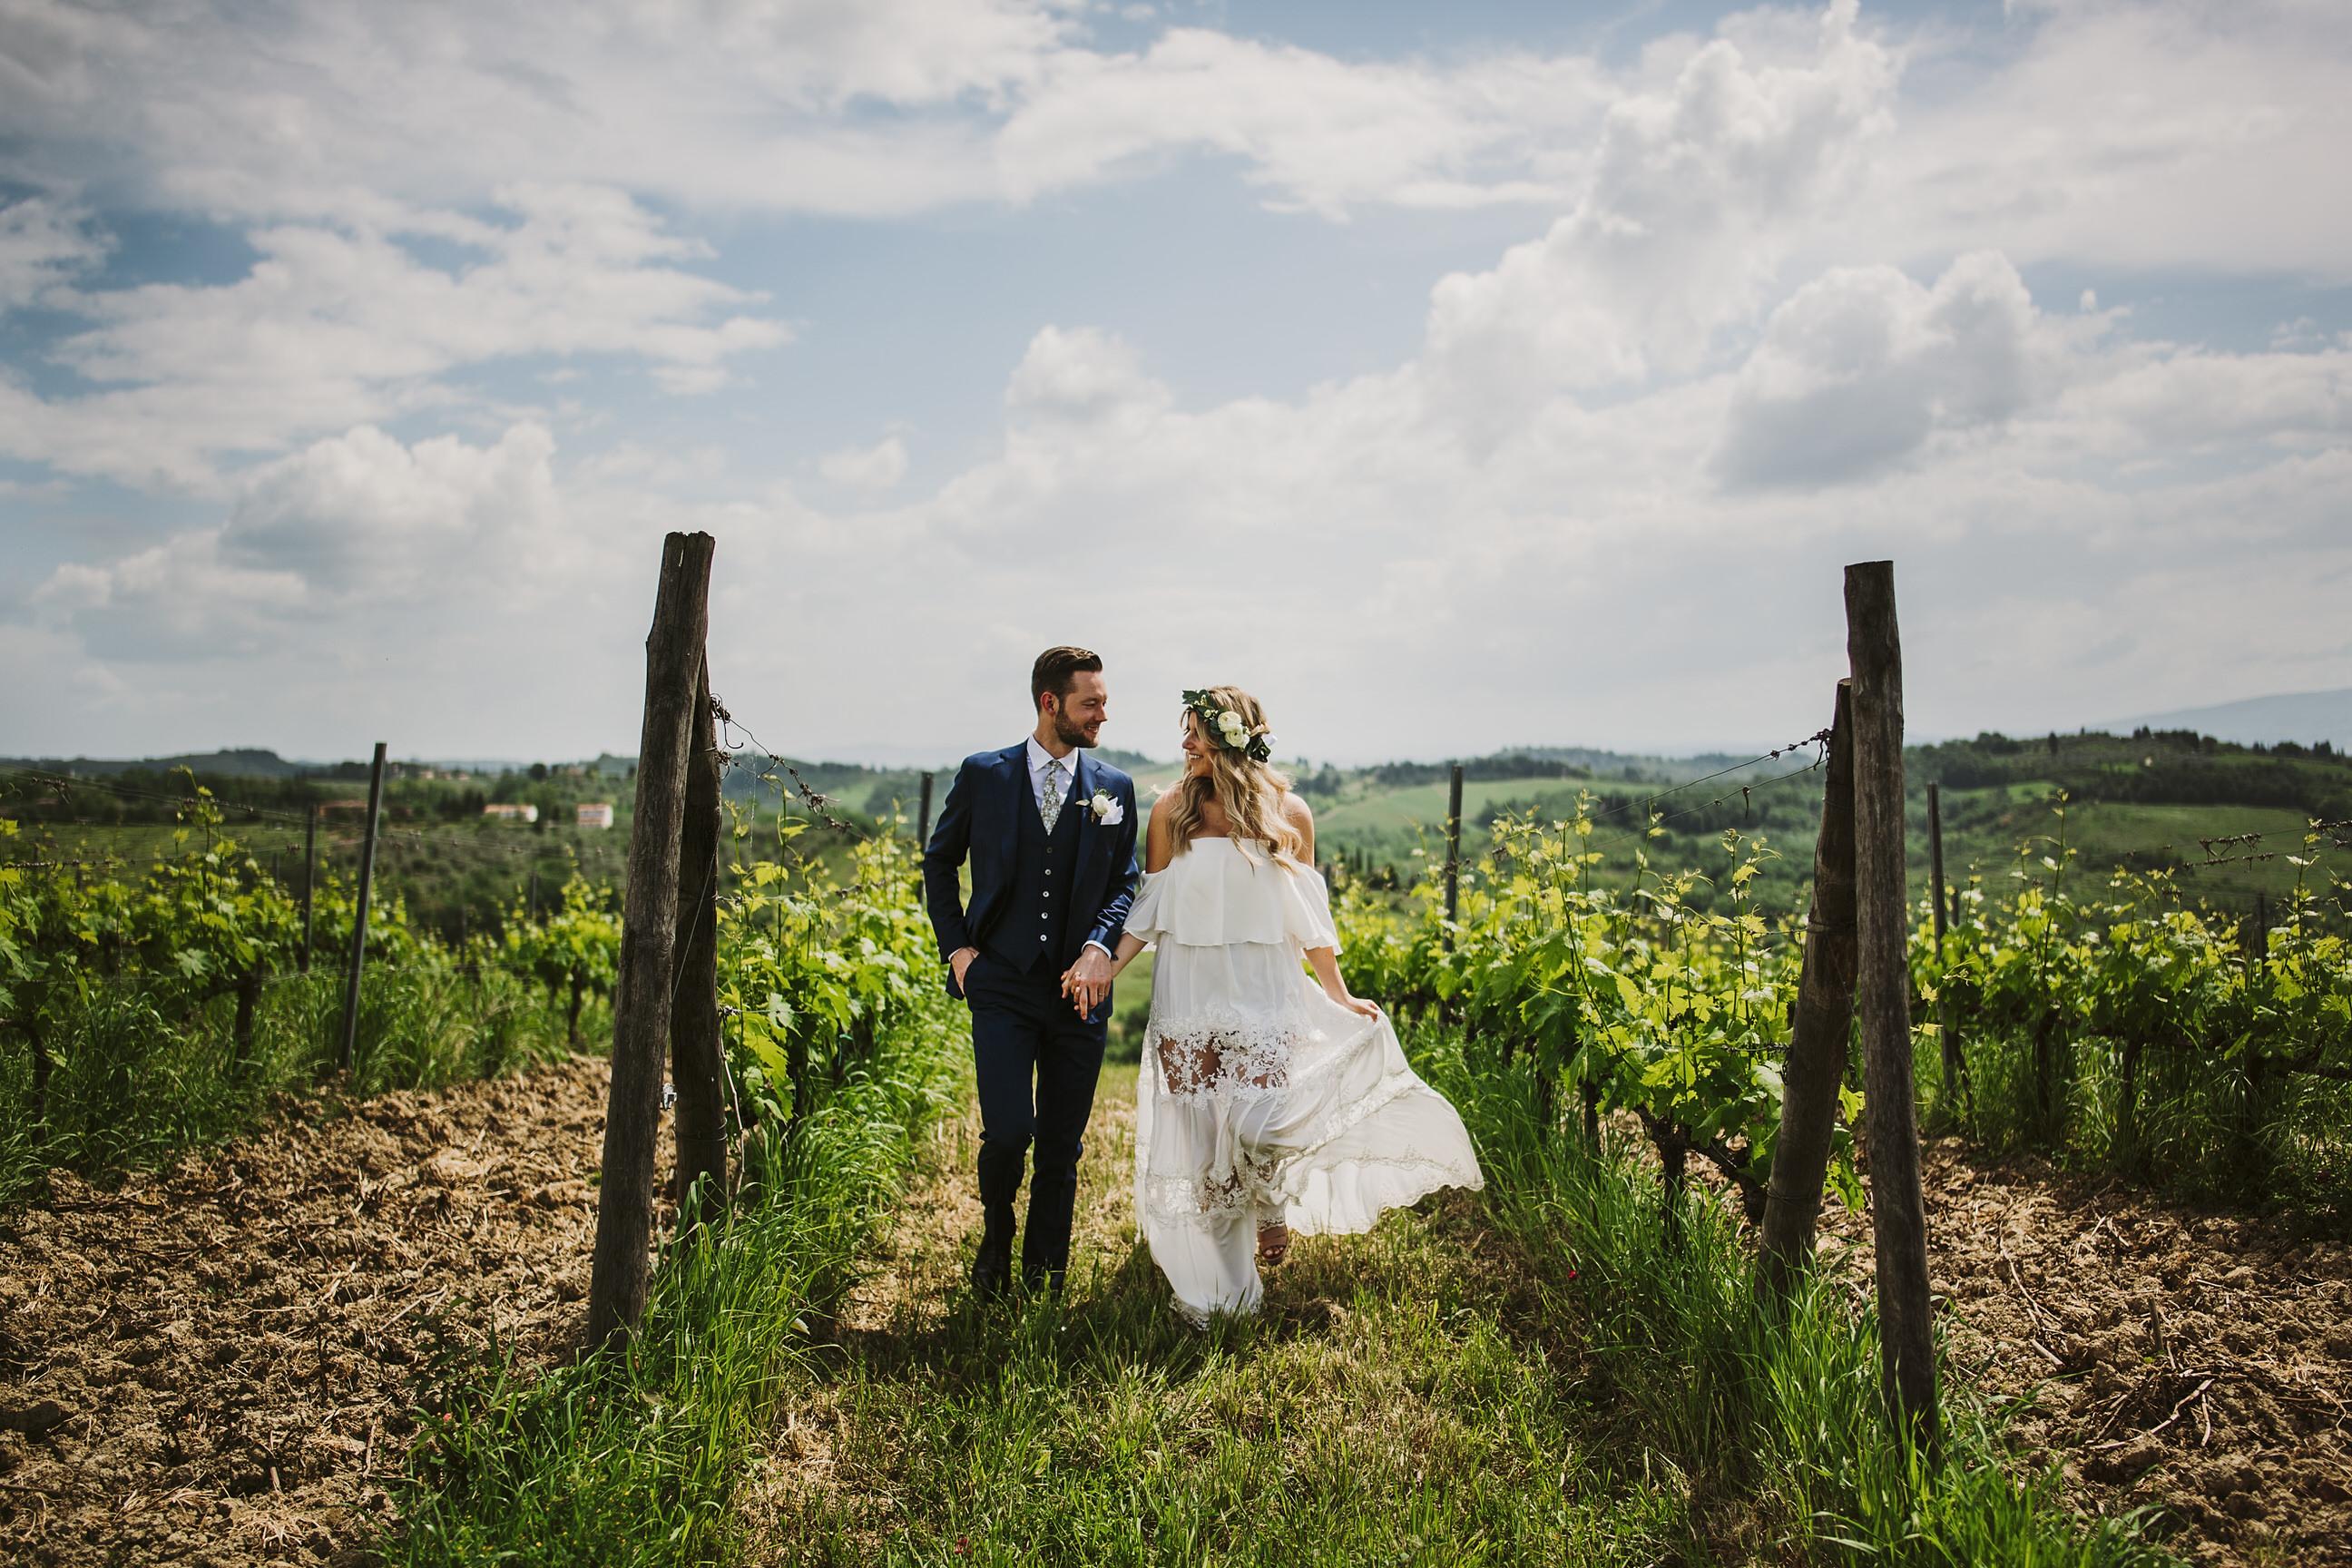 Matrimonio Vigneto Toscana : Susanna sebastian matrimonio nel vigneto del chianti